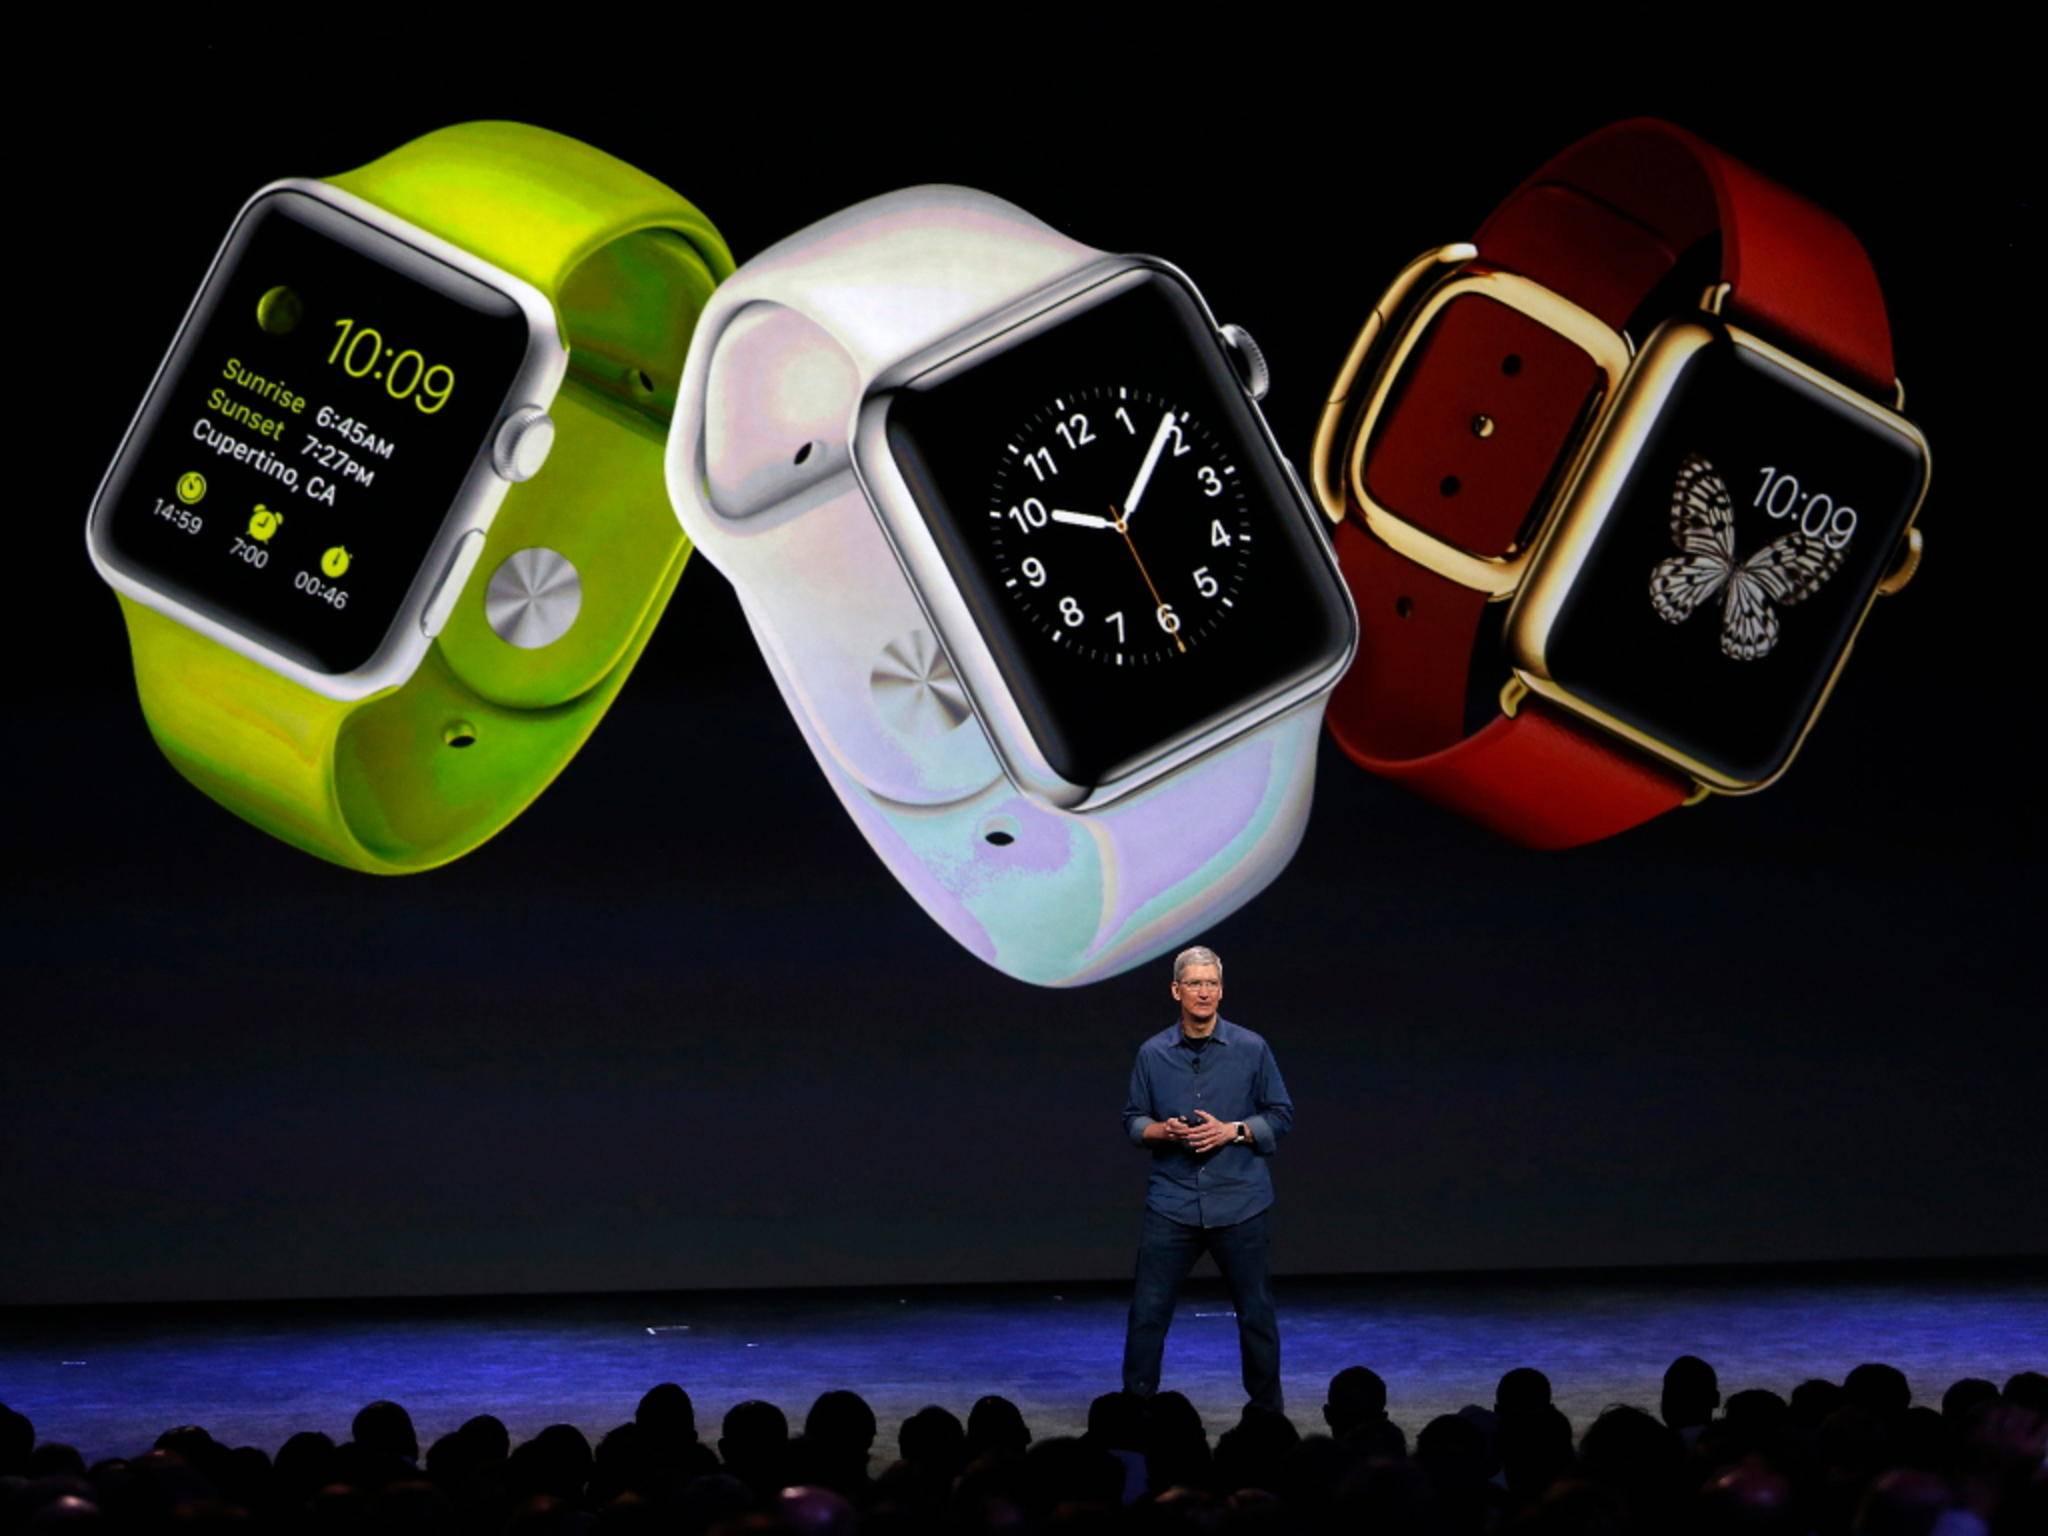 Die Apple Watch kommt in mehreren Varianten auf den Markt.